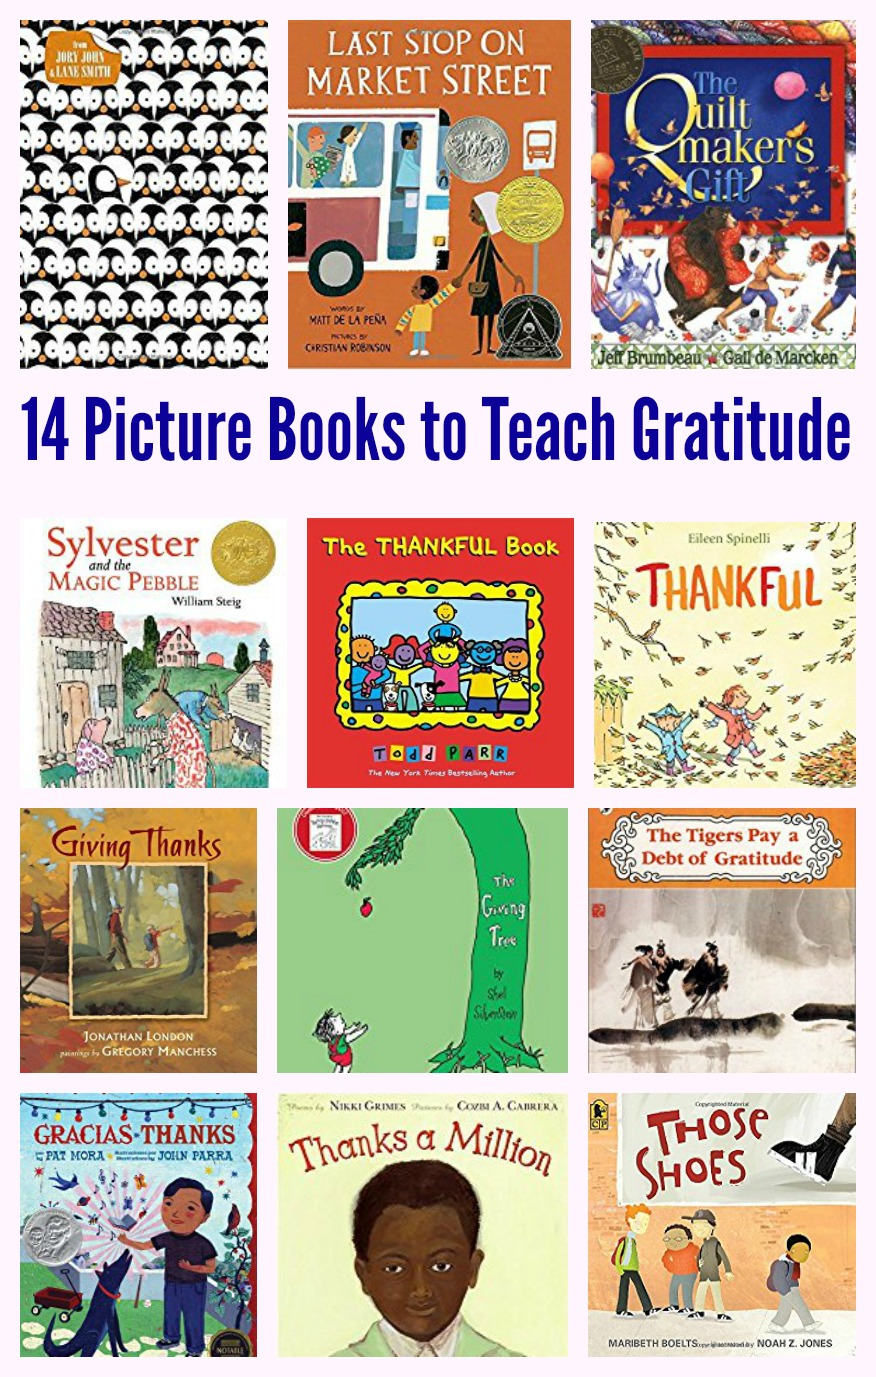 14 Picture Books to Teach Gratitude